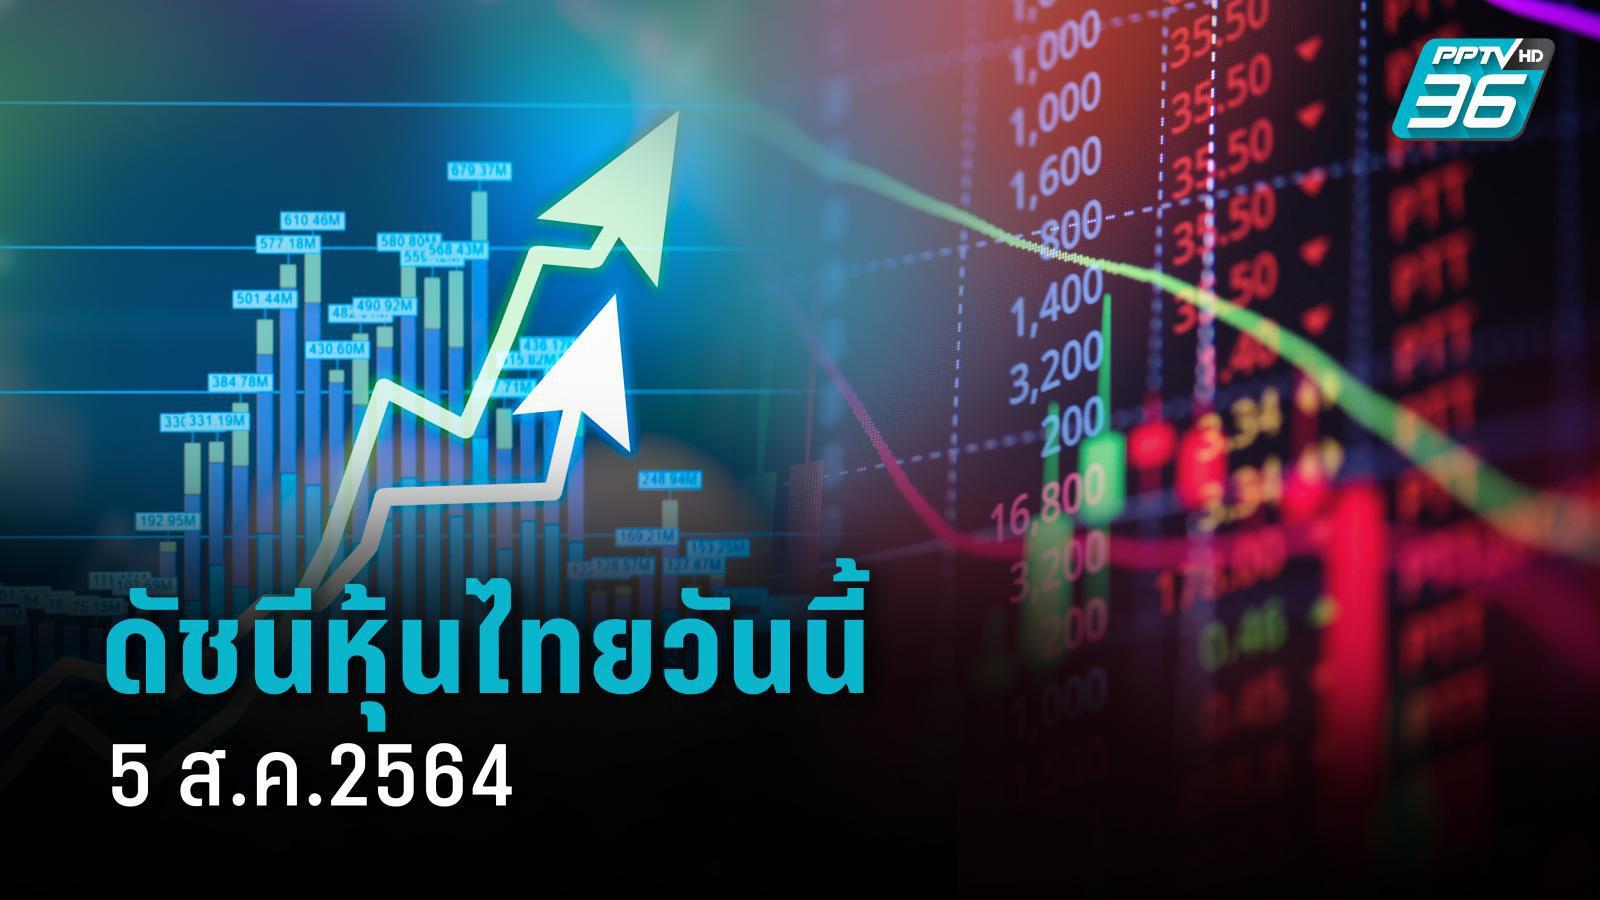 หุ้นไทยวันนี้ (5 ส.ค.64) ปิดการซื้อขาย ร่วง 18.20 จุด